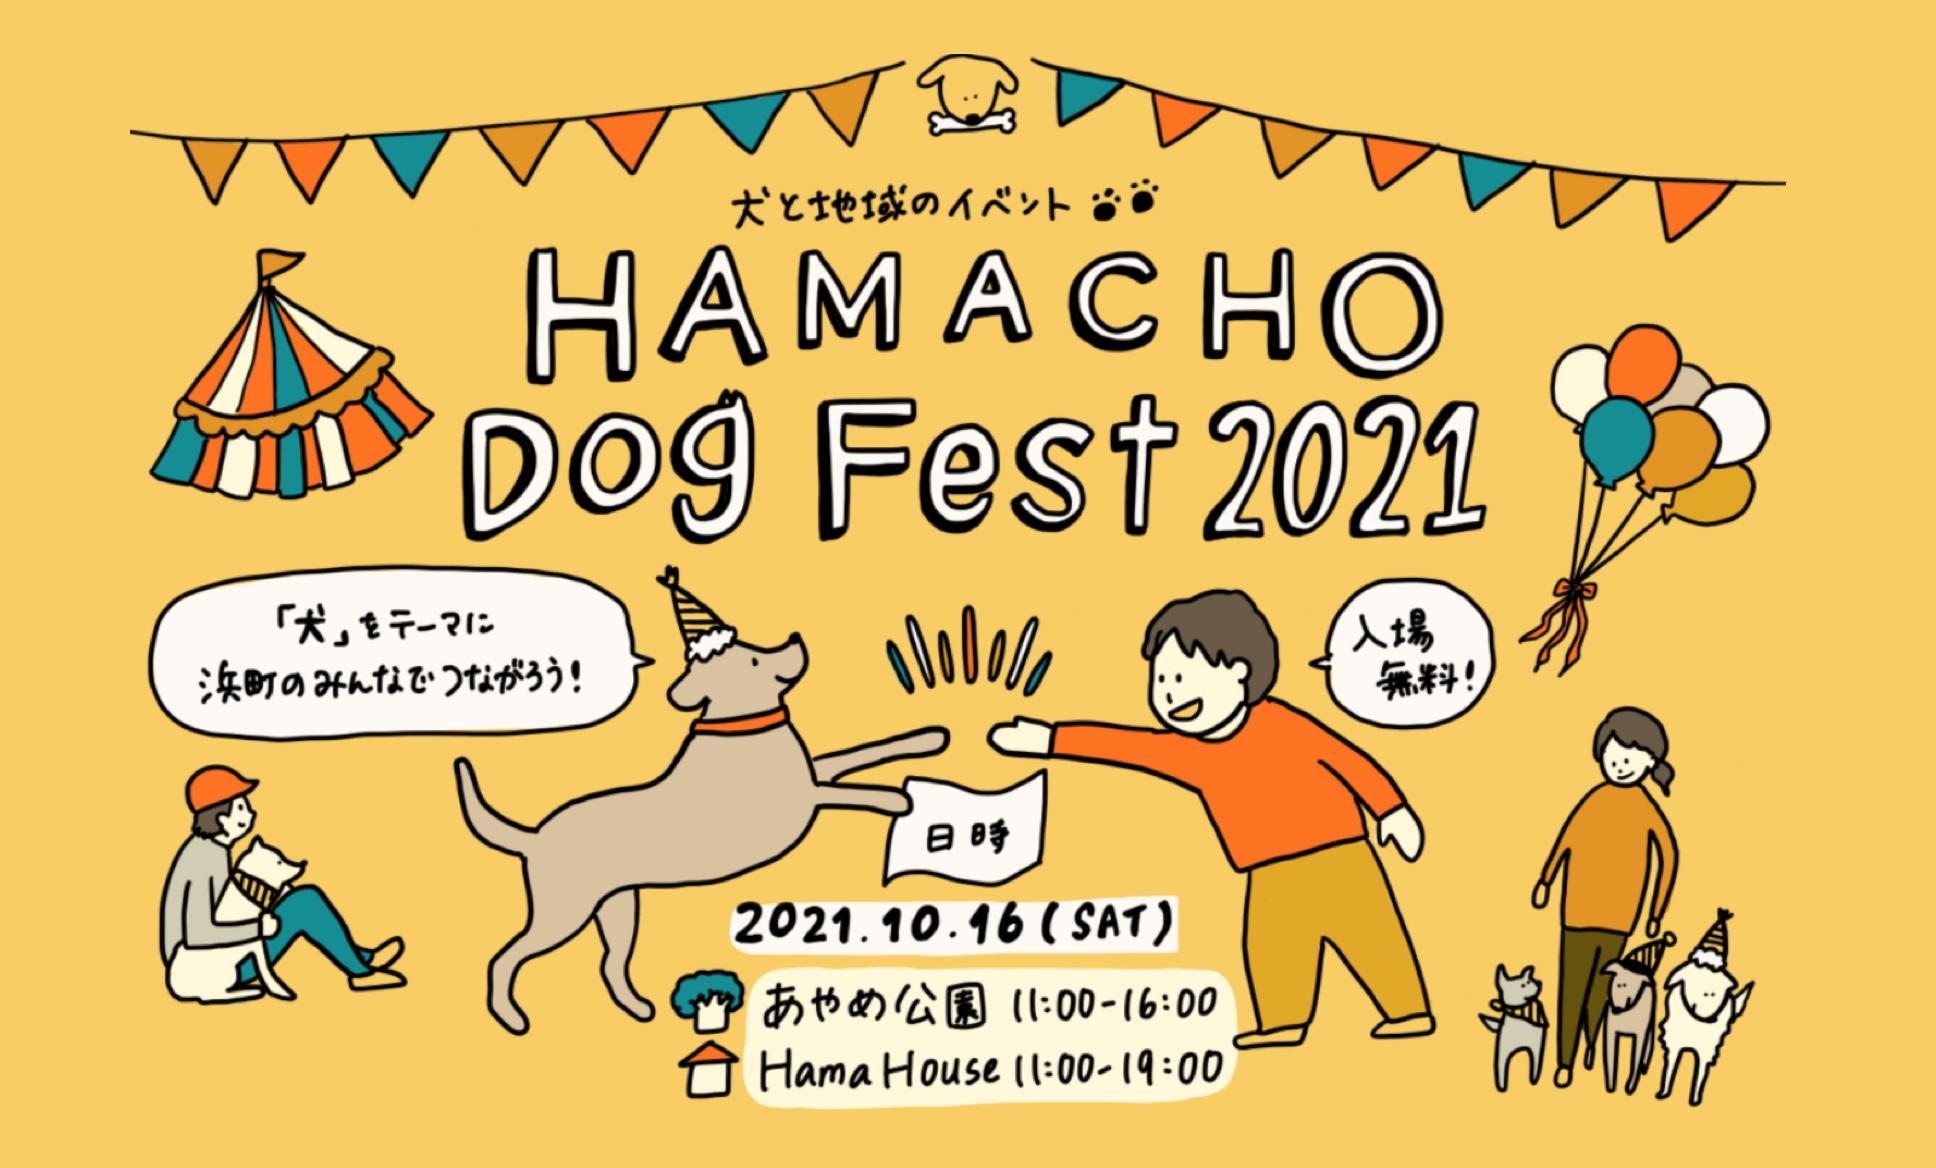 【10月16日】犬と地域社会のイベント「HAMACHO Dog Fest 2021」開催決定!